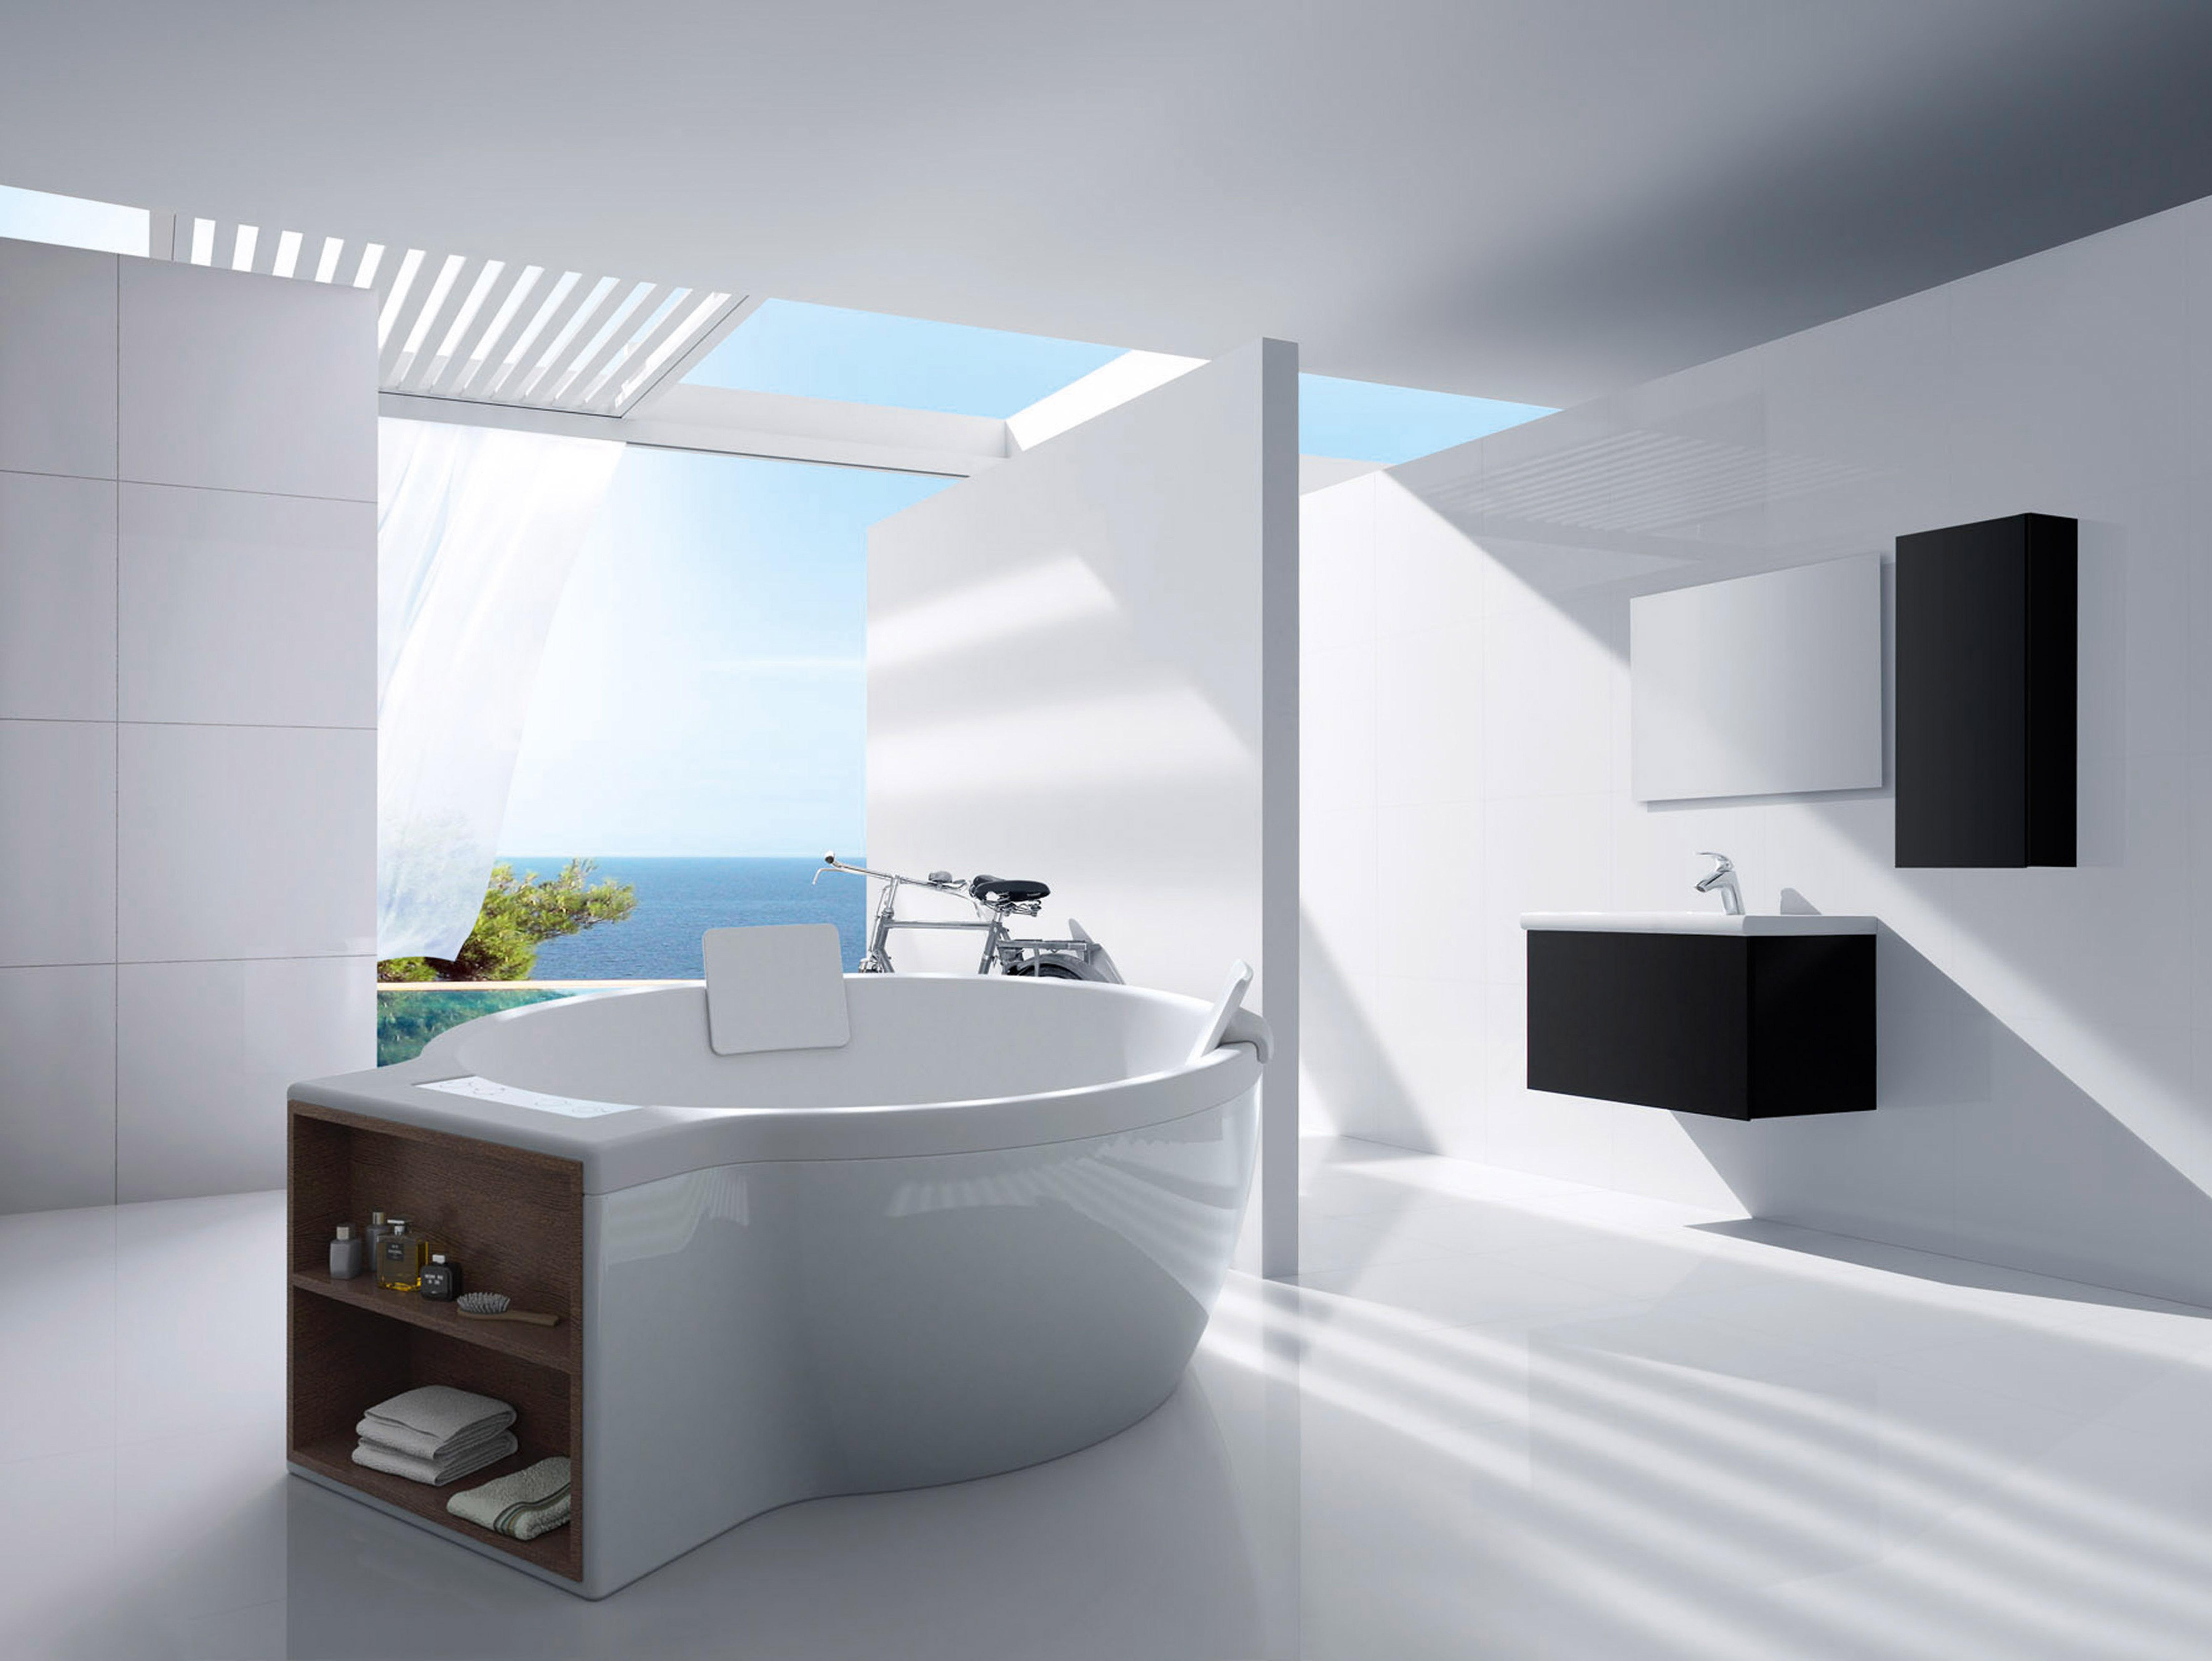 canto ou como free standing e vem com sistema de ducha em forma de #7C7E3F 6689x5022 Banheiro Com Banheira De Canto